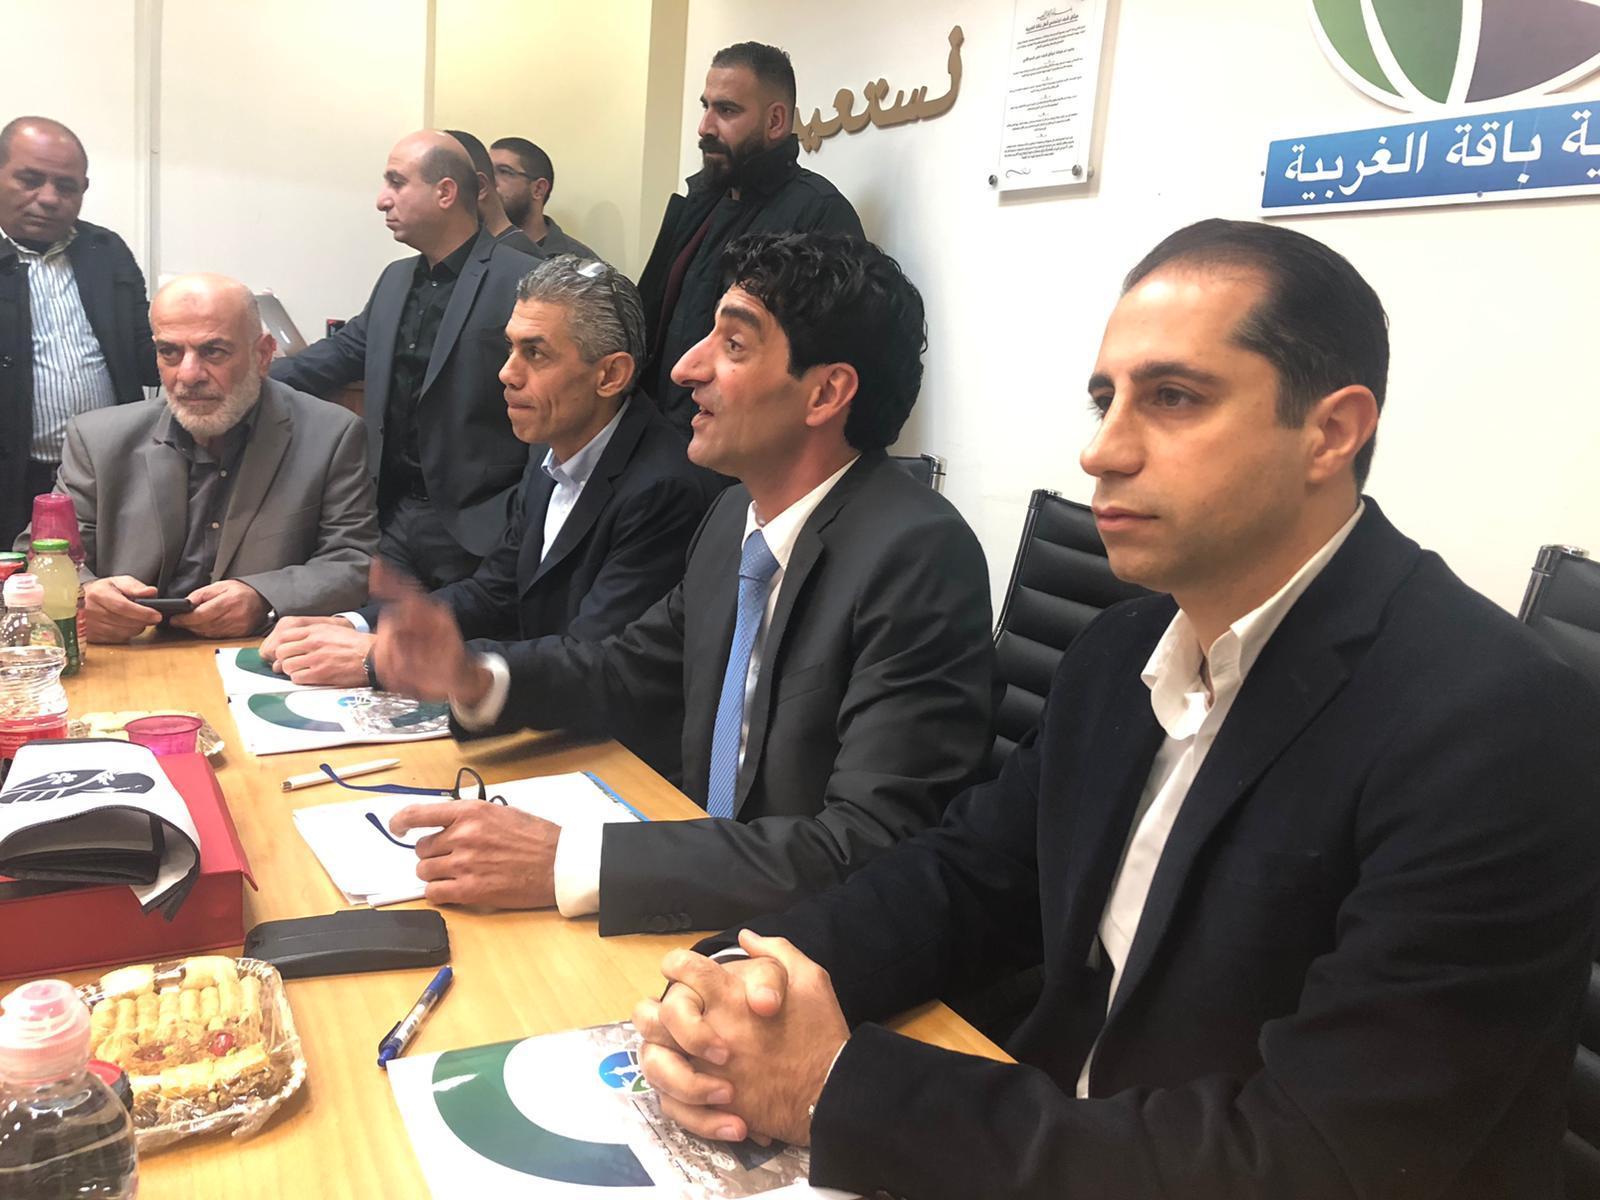 خلال تسلم الإدارة: رائد دقة يدعو لائتلاف شامل في بلدية باقة الغربية